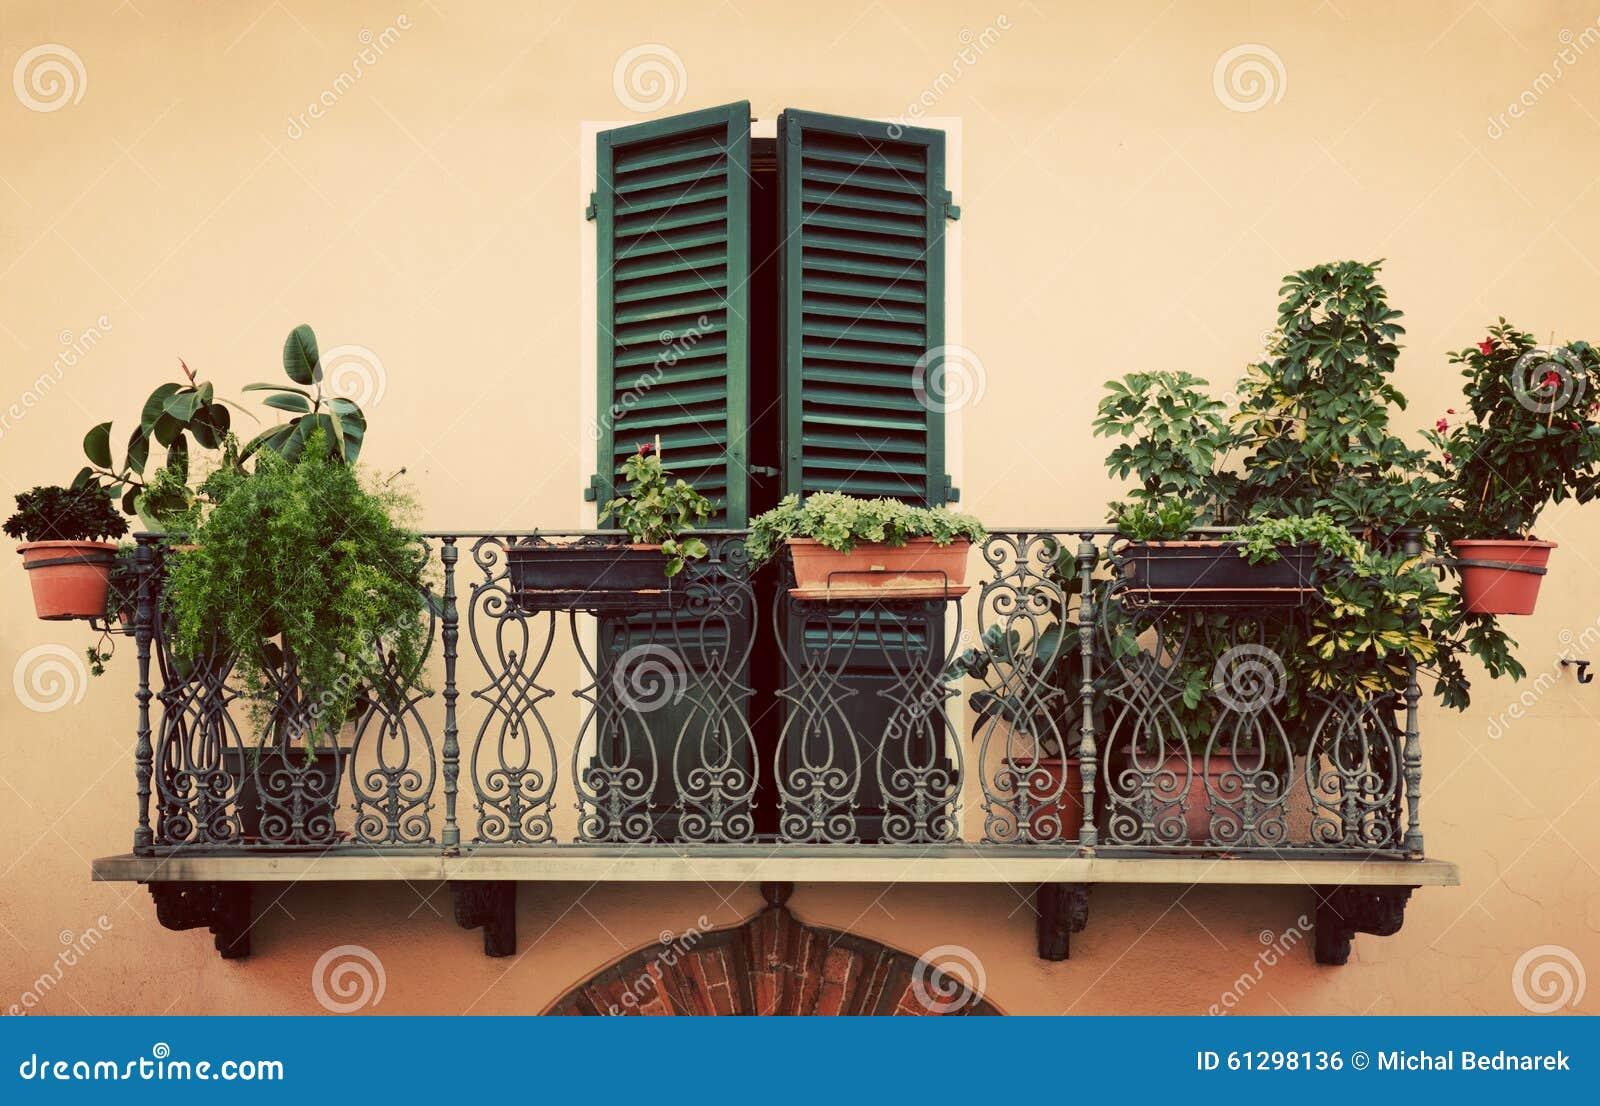 Αναδρομικό ρομαντικό μπαλκόνι Παράθυρο με το πράσινο παραθυρόφυλλο Εκλεκτής ποιότητας Ιταλία, Pienza στην Τοσκάνη